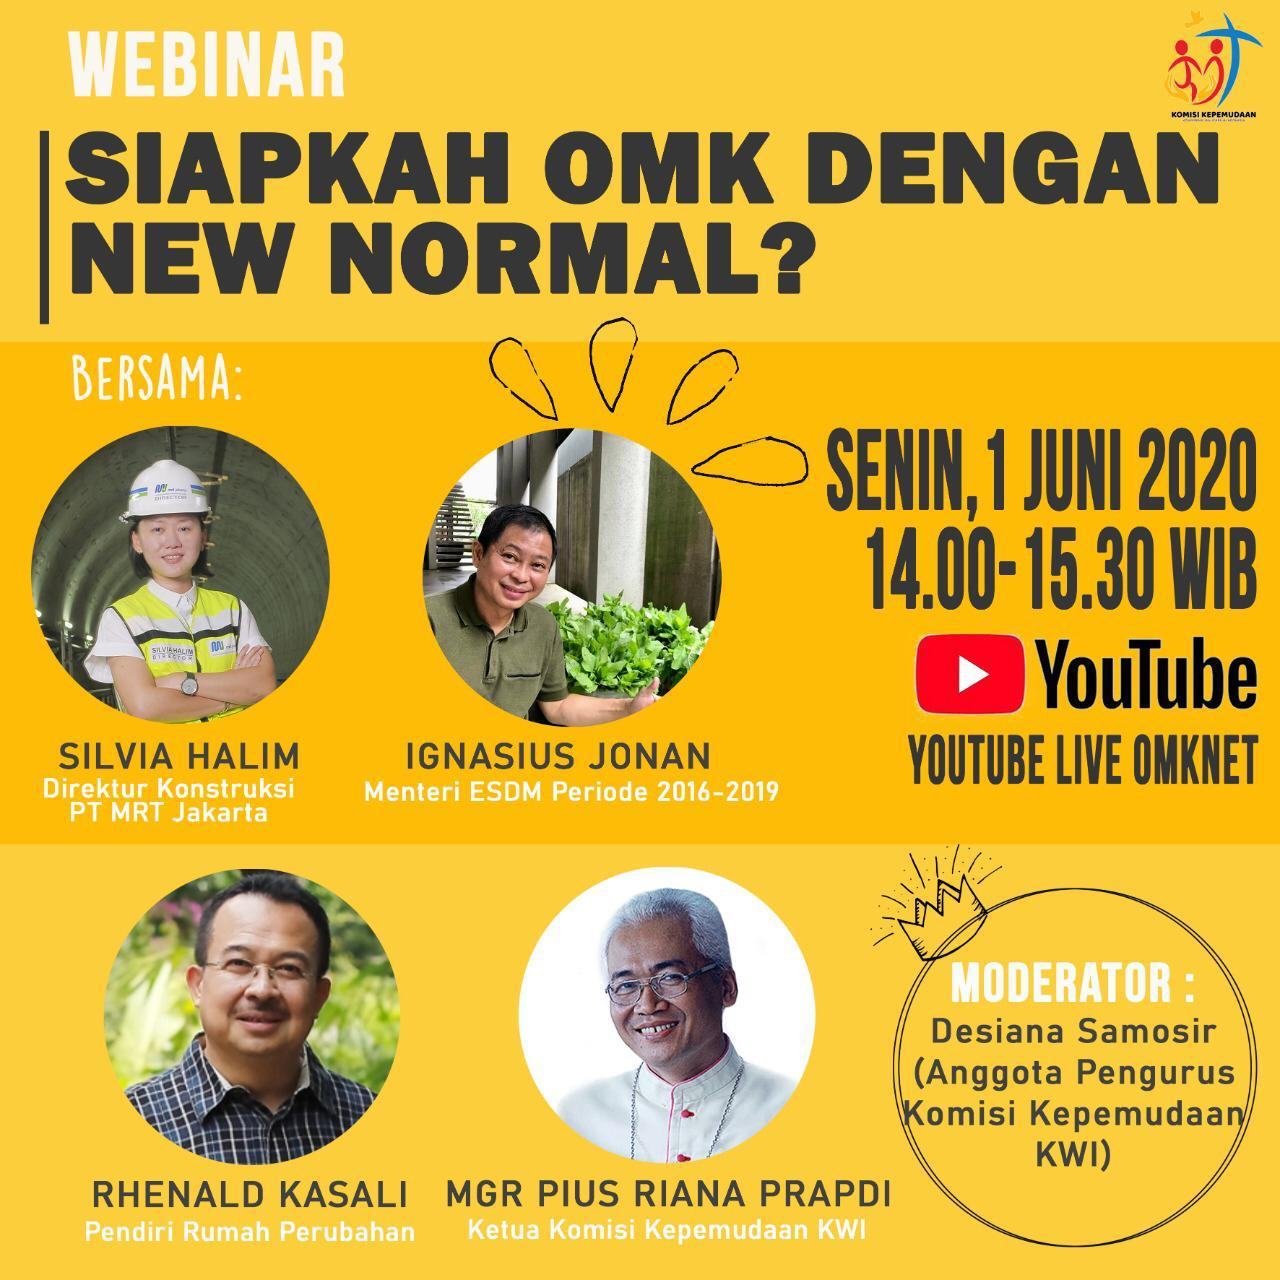 Siapkah OMK Dengan New Normal?